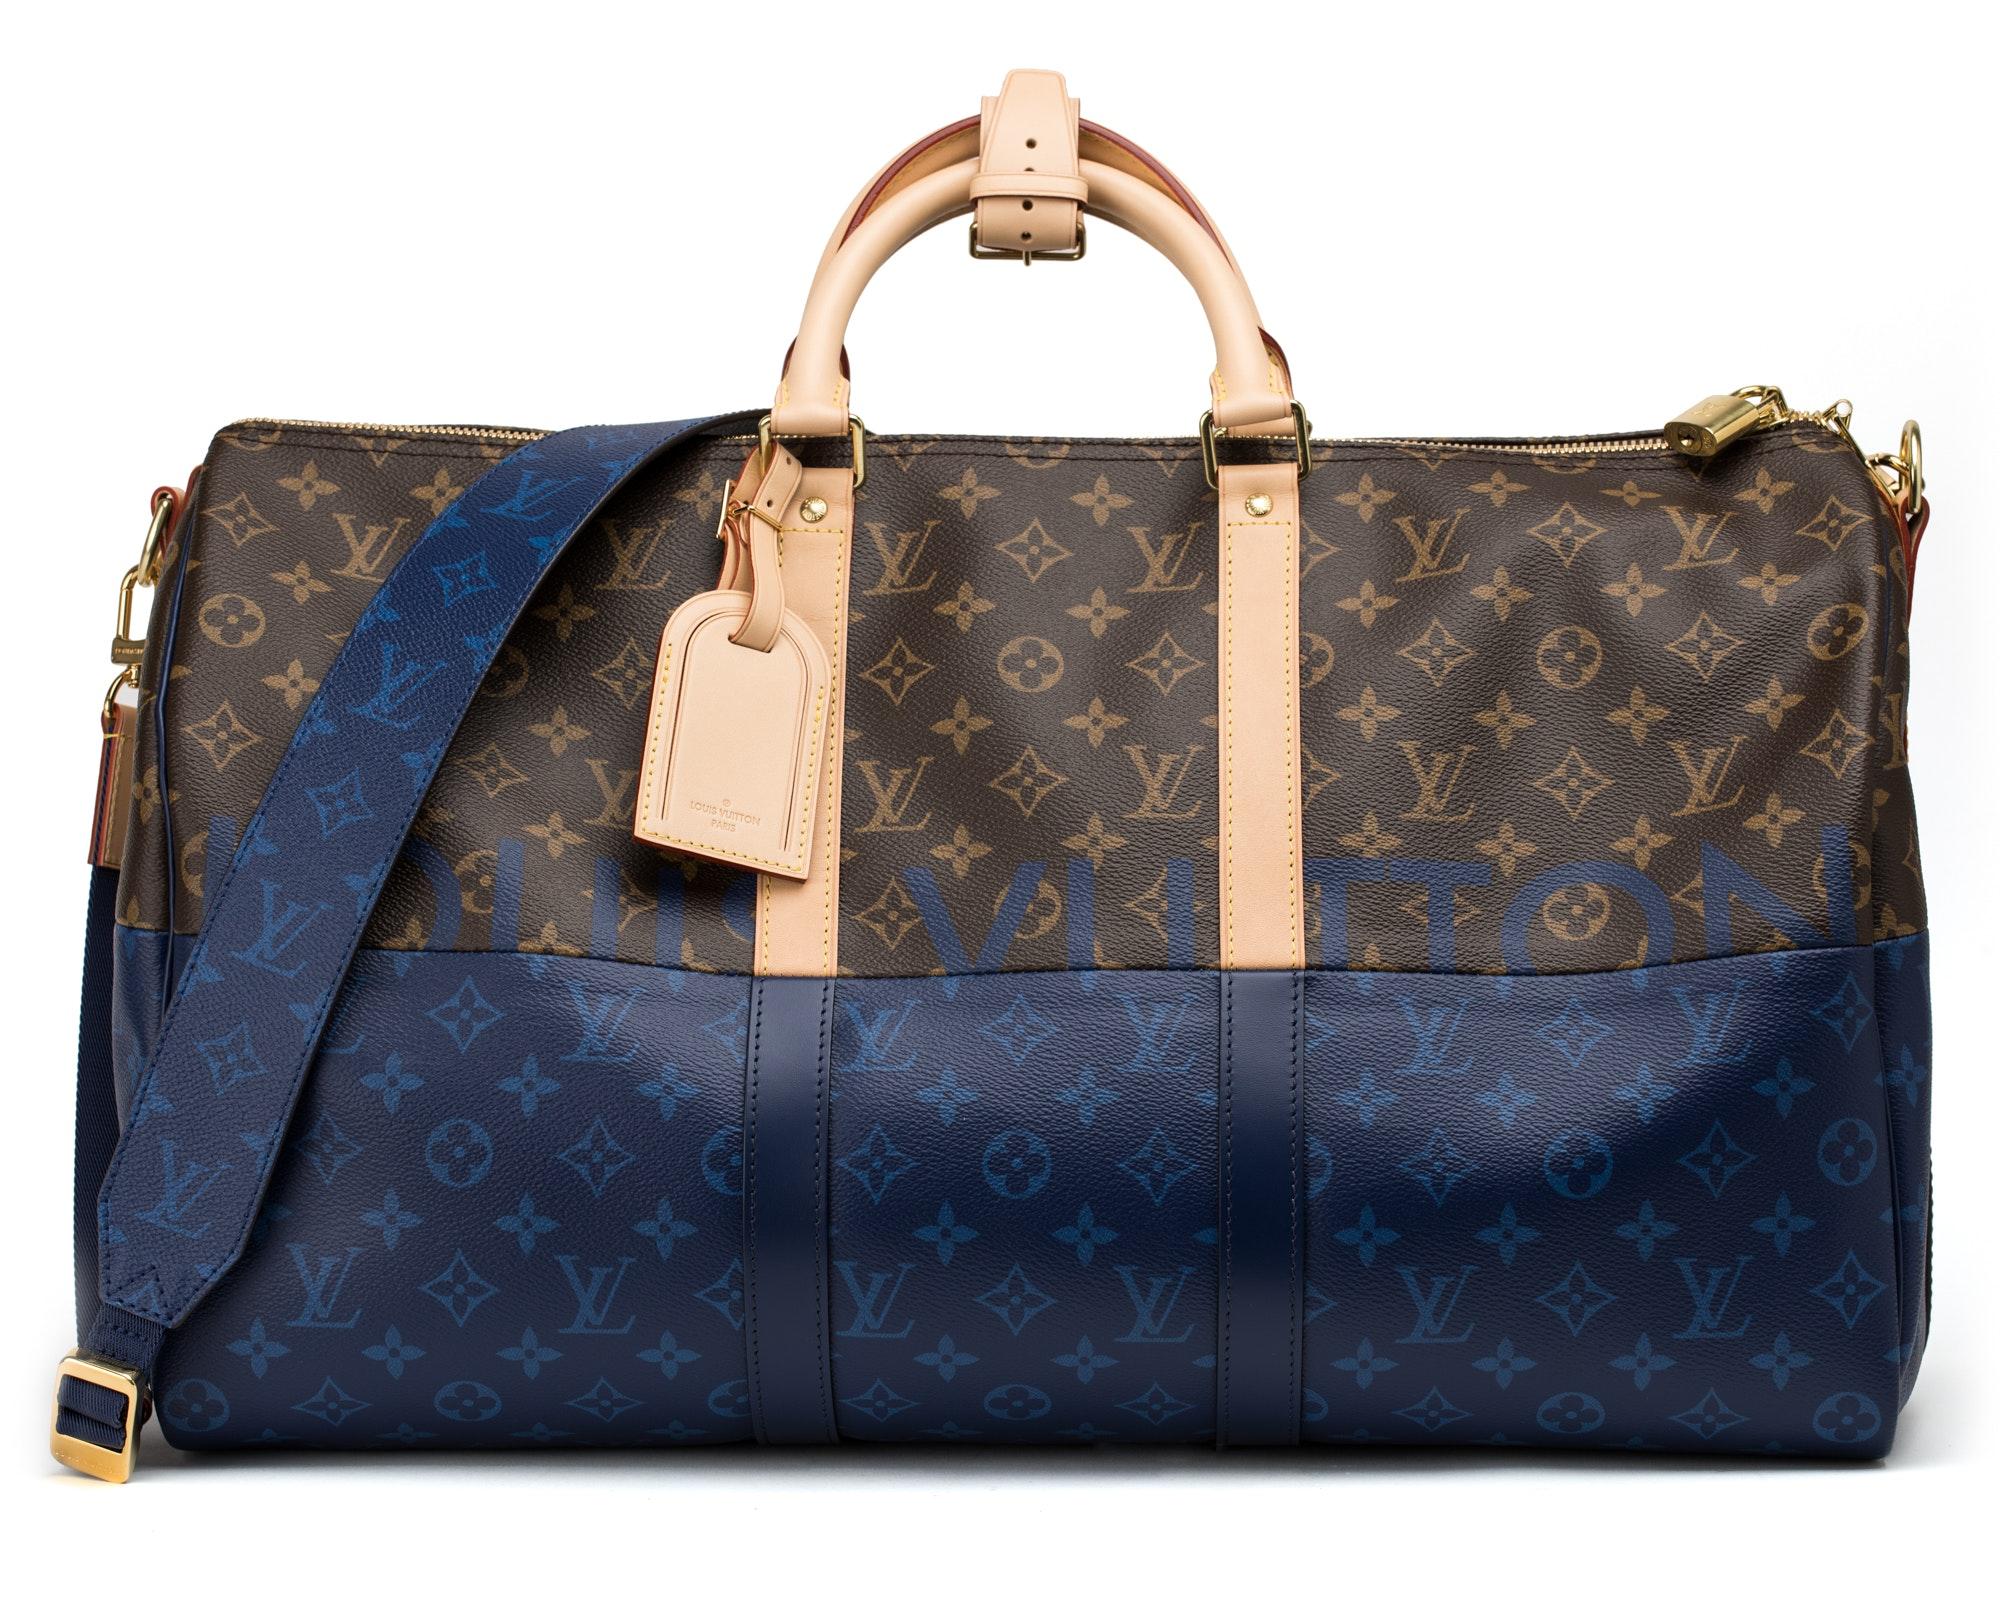 Louis Vuitton Bandouliere Outdoor Split Monogram 50 Brown/Pacific Blue